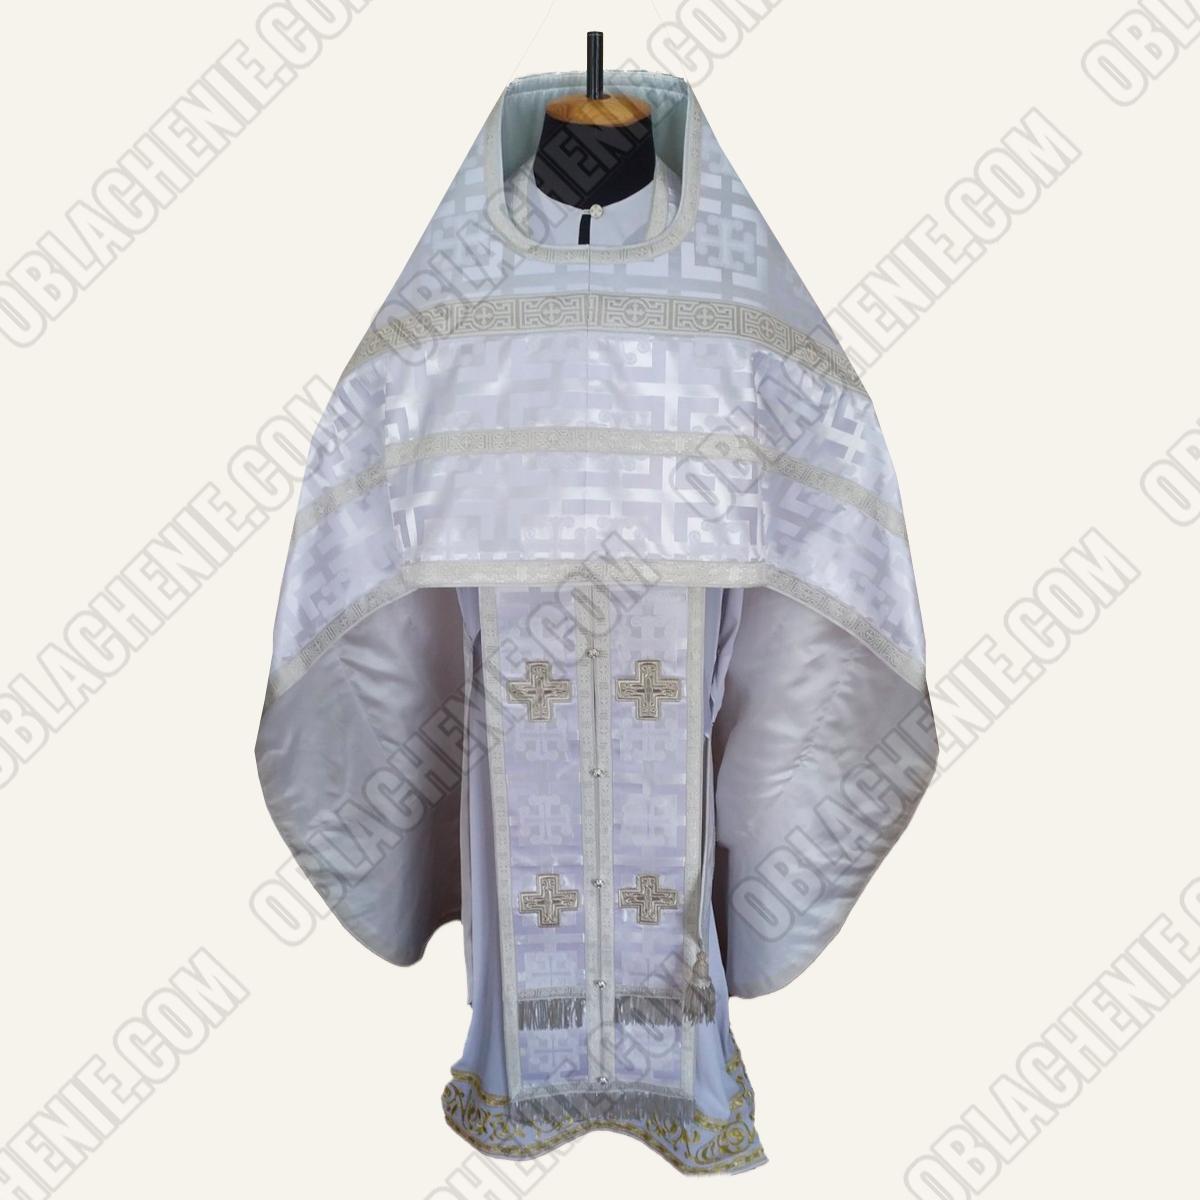 PRIEST'S VESTMENTS 11183